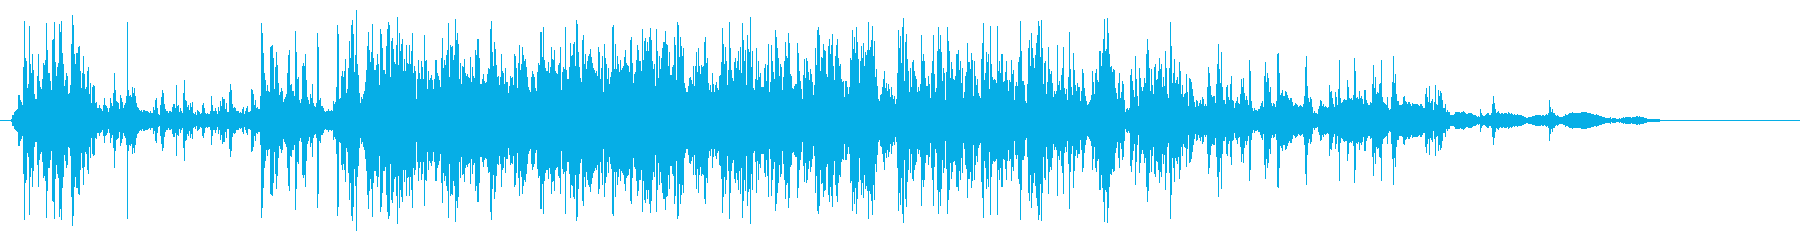 細かいものを落とした音の再生済みの波形